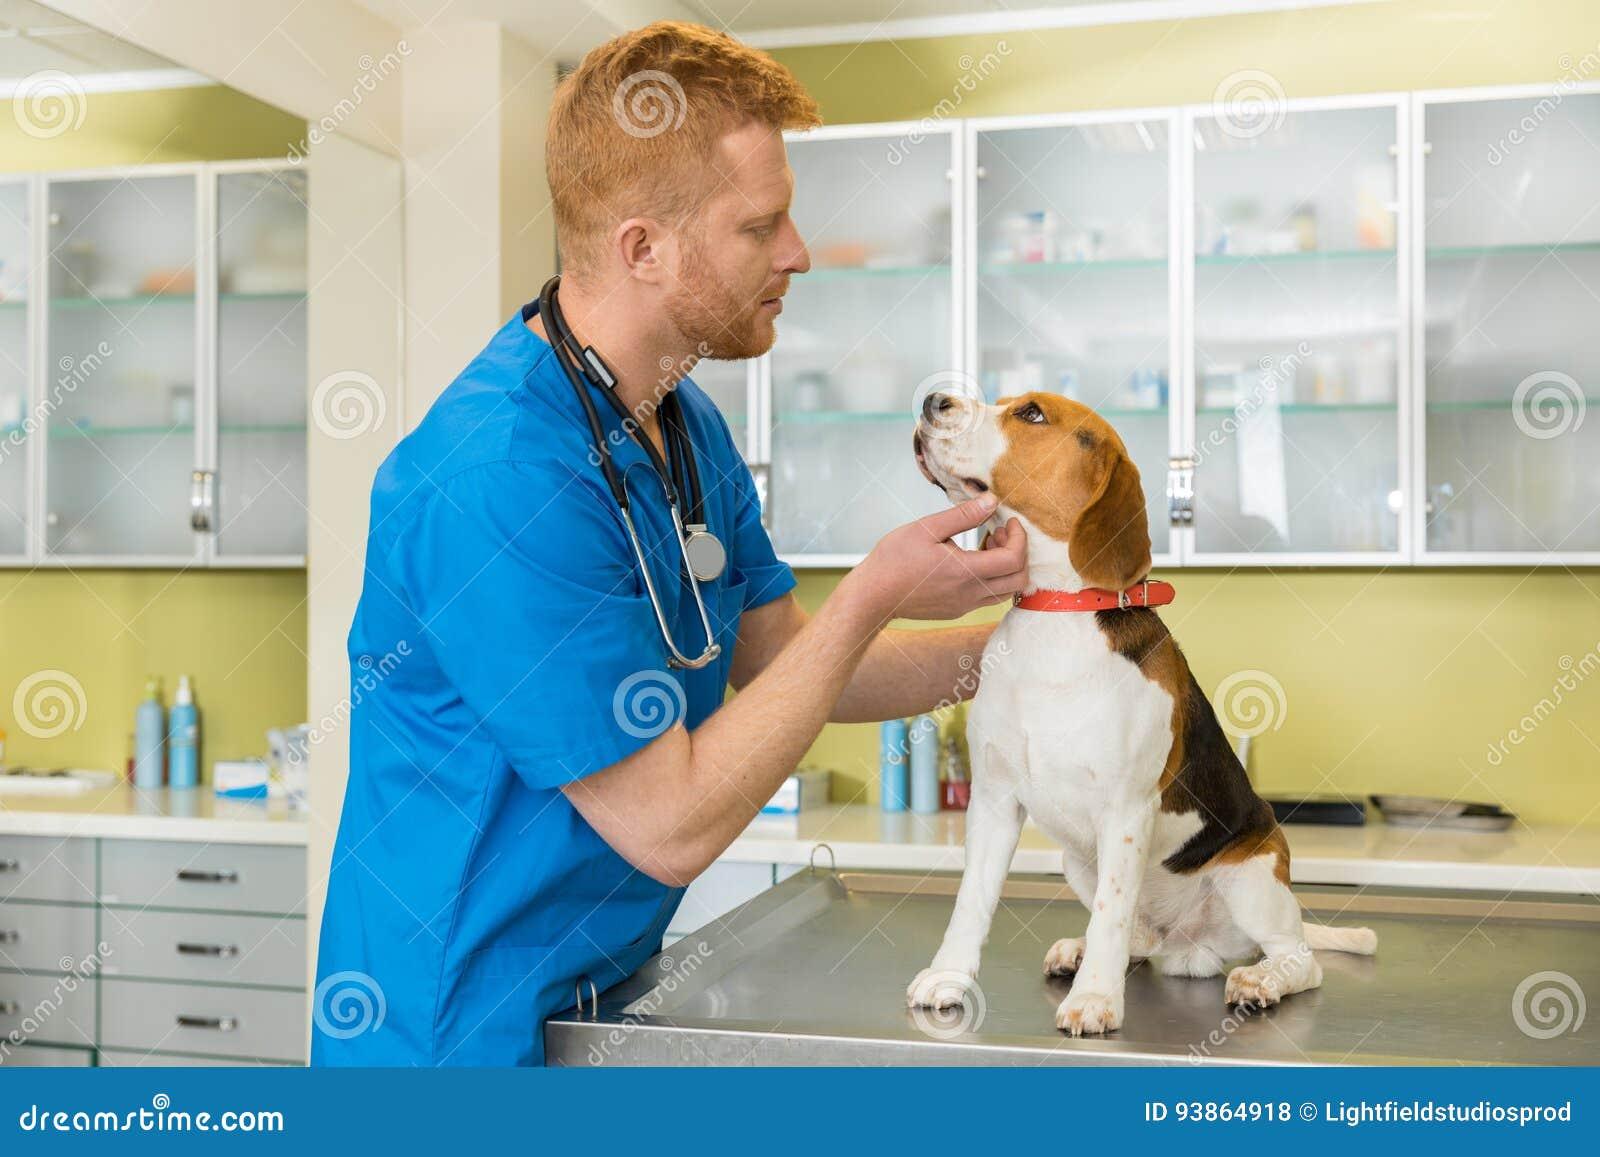 Veterinario examing el perro lindo del beagle